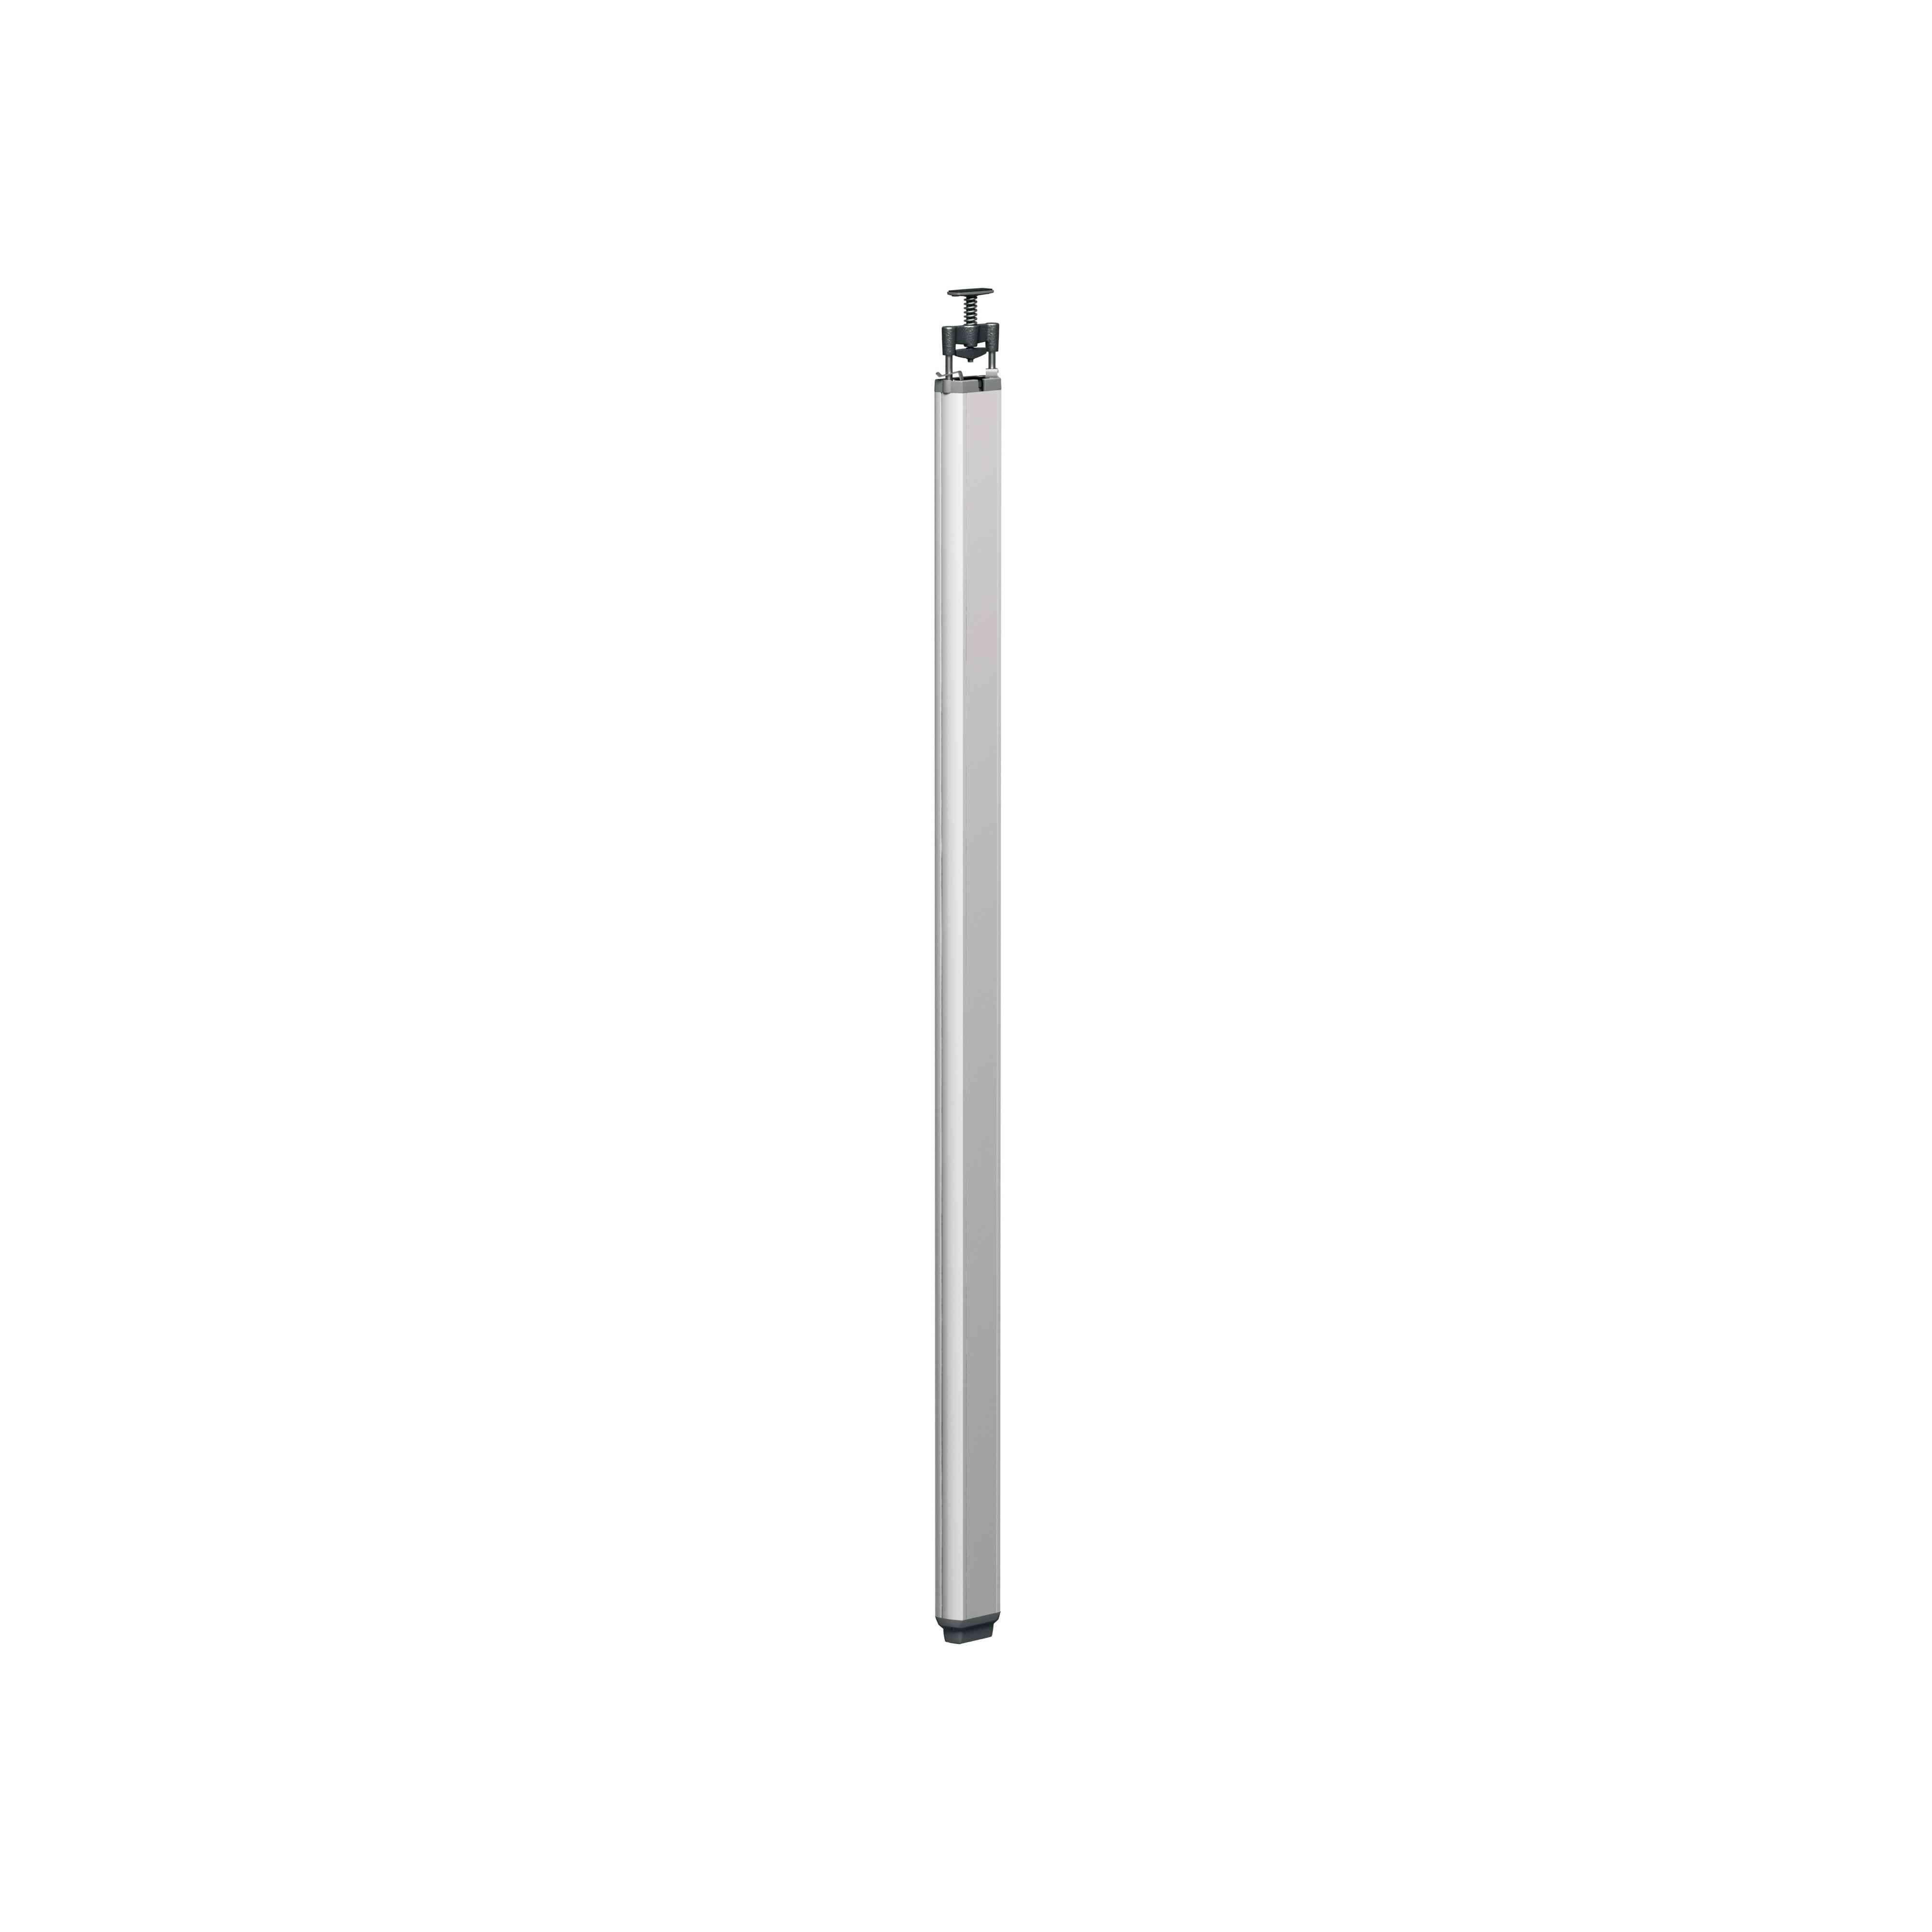 OptiLine 70 - pol - napetostno nameščen - enostr. - naravni - 4170 do 4570 mm